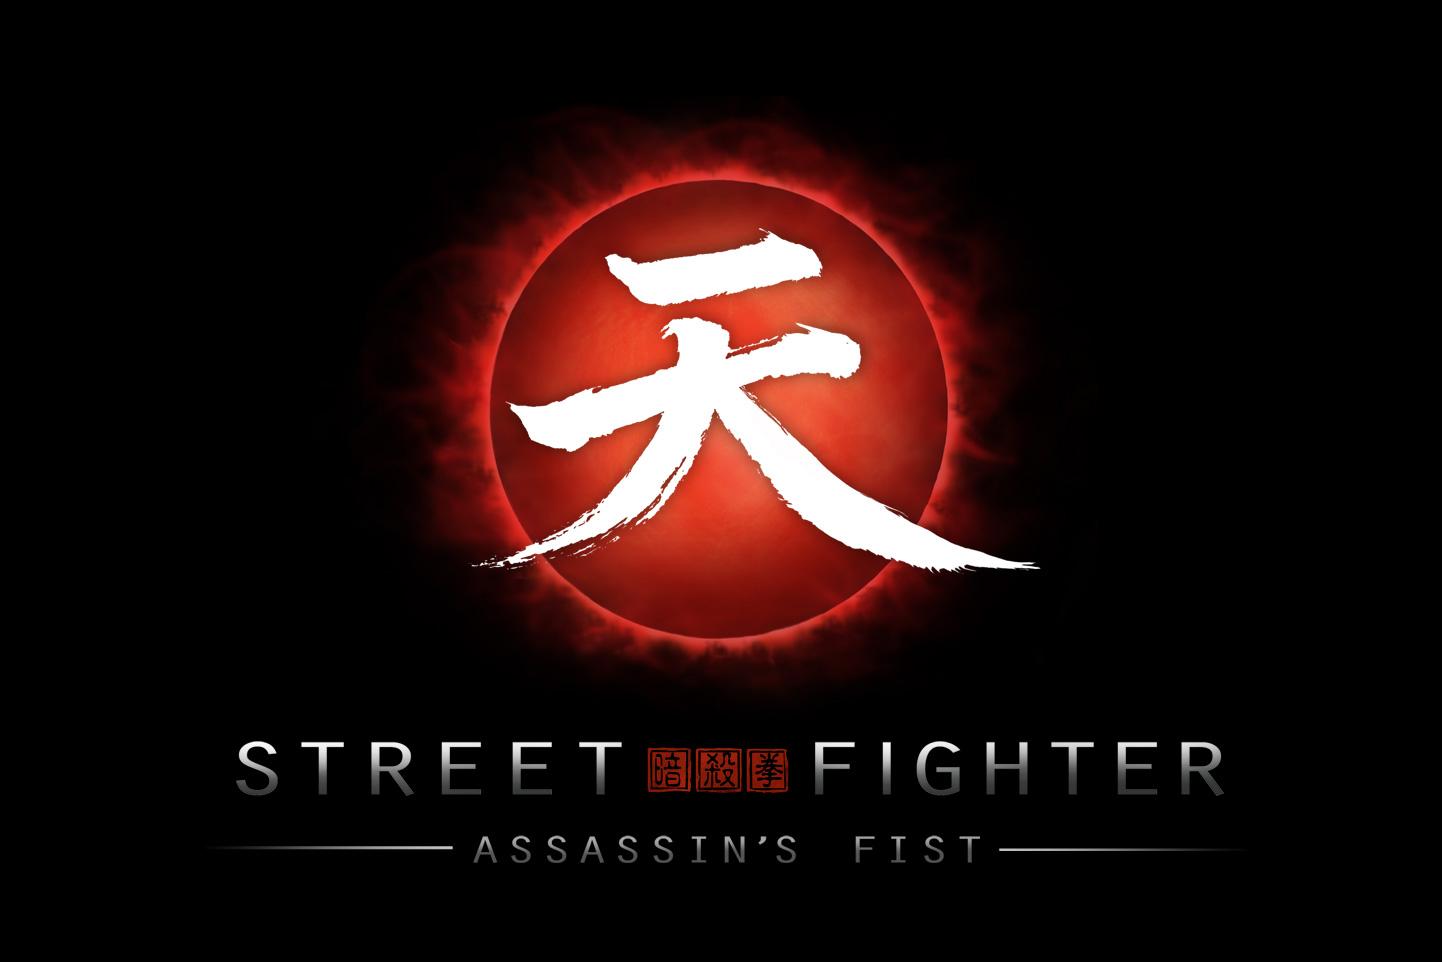 J'ai vu Street Fighter: Assassin's Fist